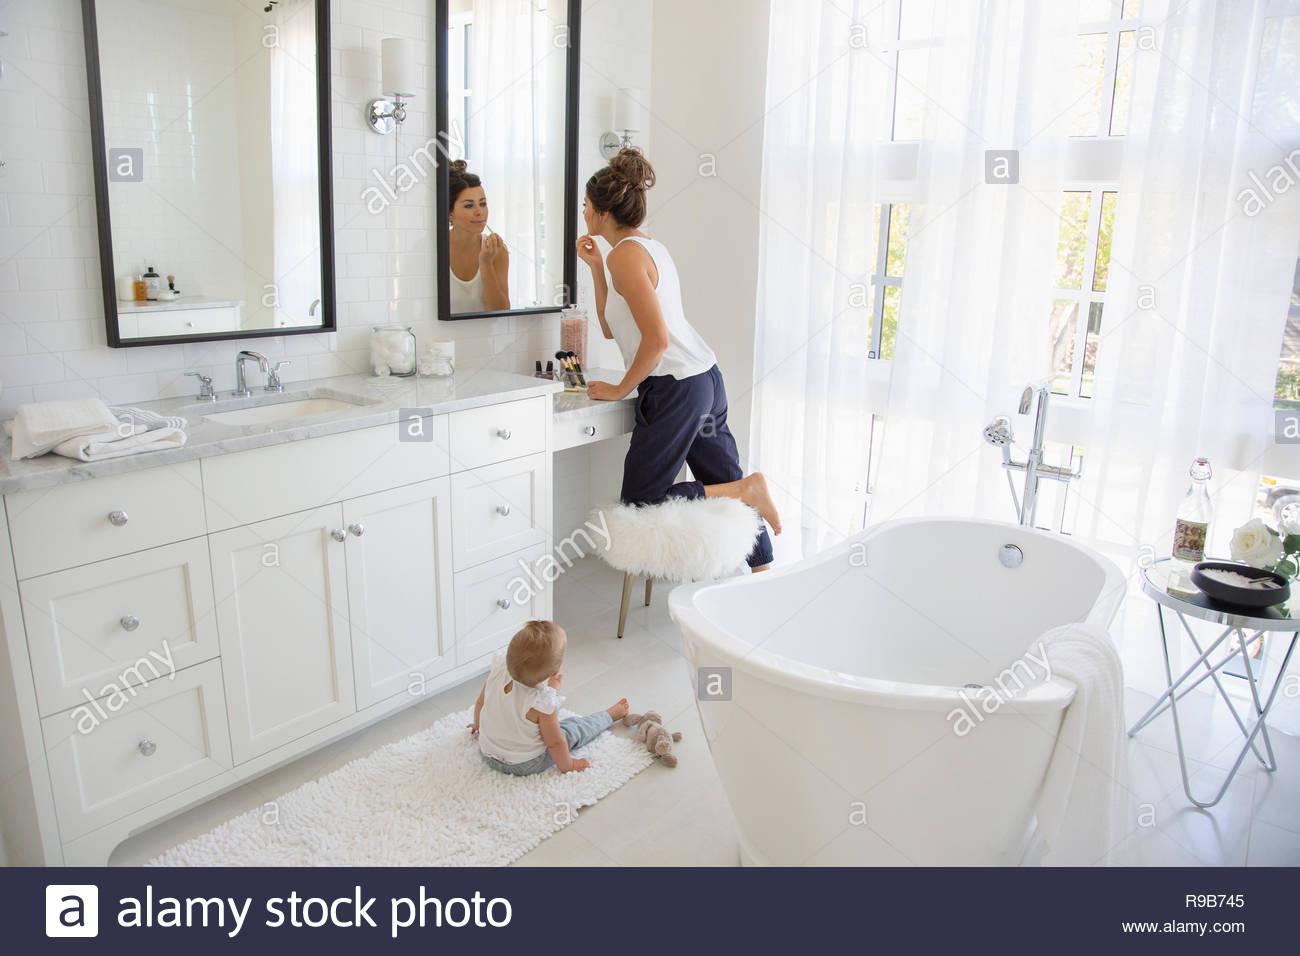 Hija ve la madre al maquillaje en el espejo del baño Imagen De Stock